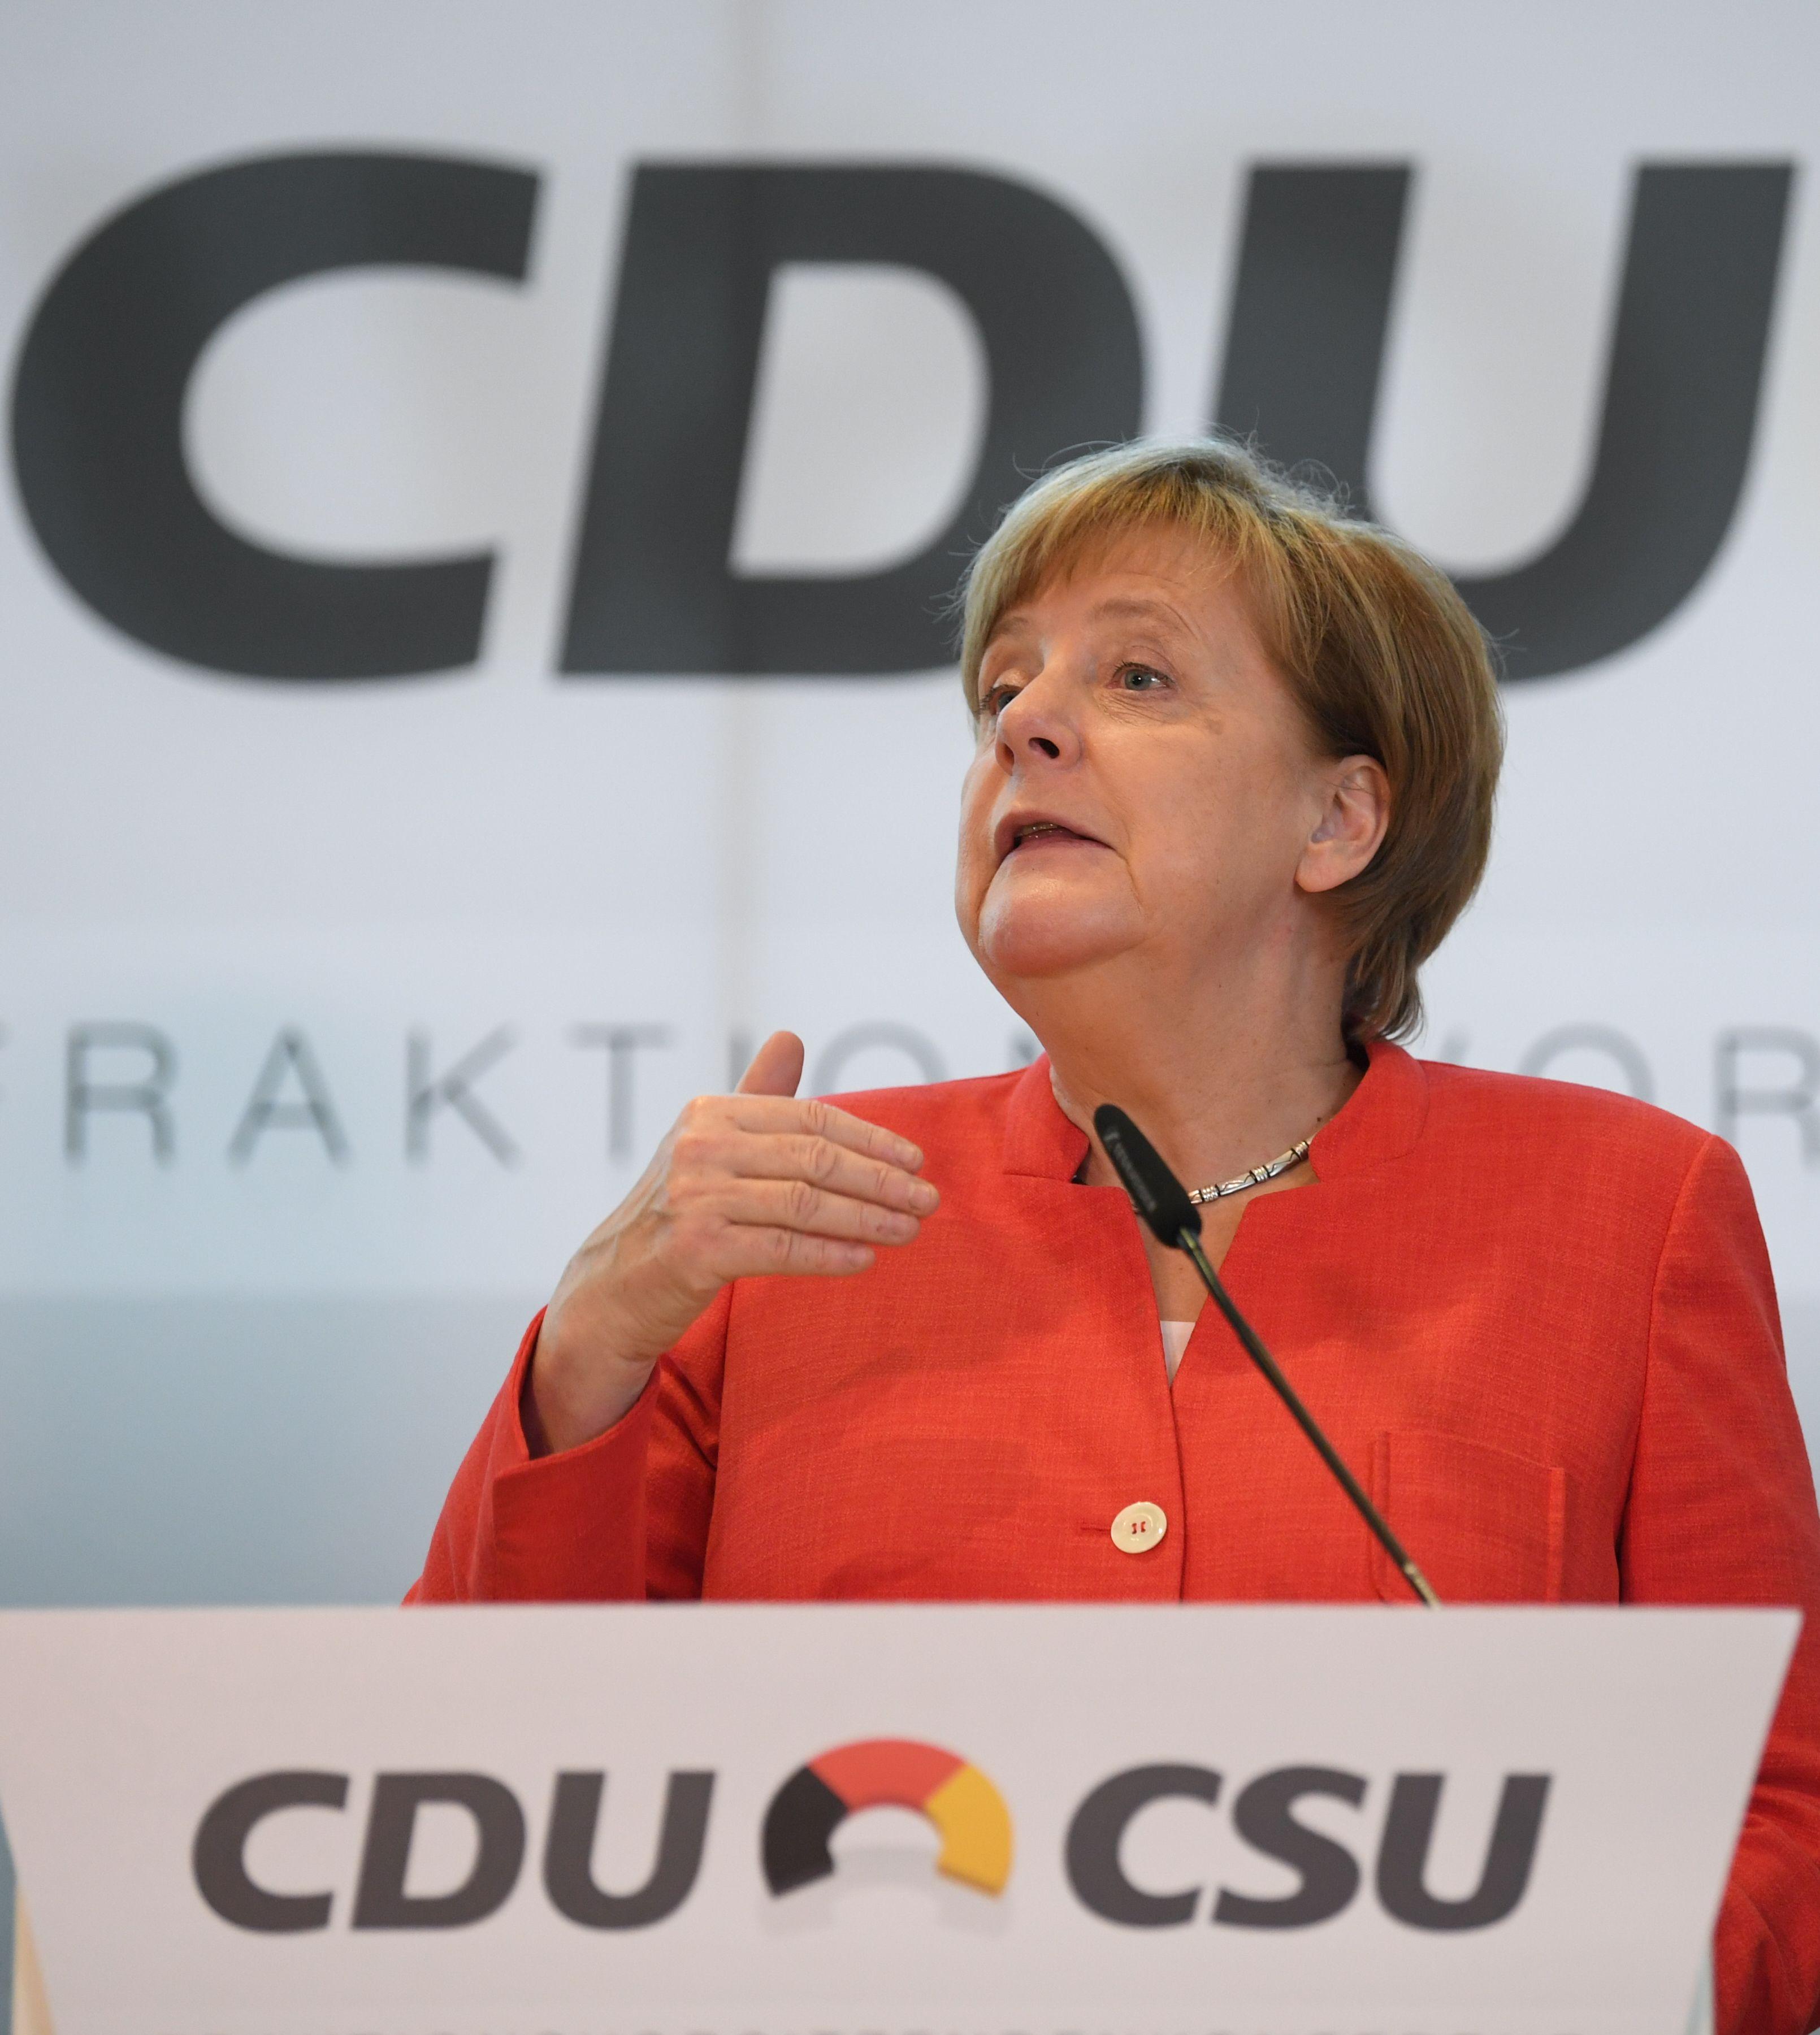 المستشارة الألمانية: واثقة من إيجاد حلول مع فرنسا لإصلاح منطقة اليورو